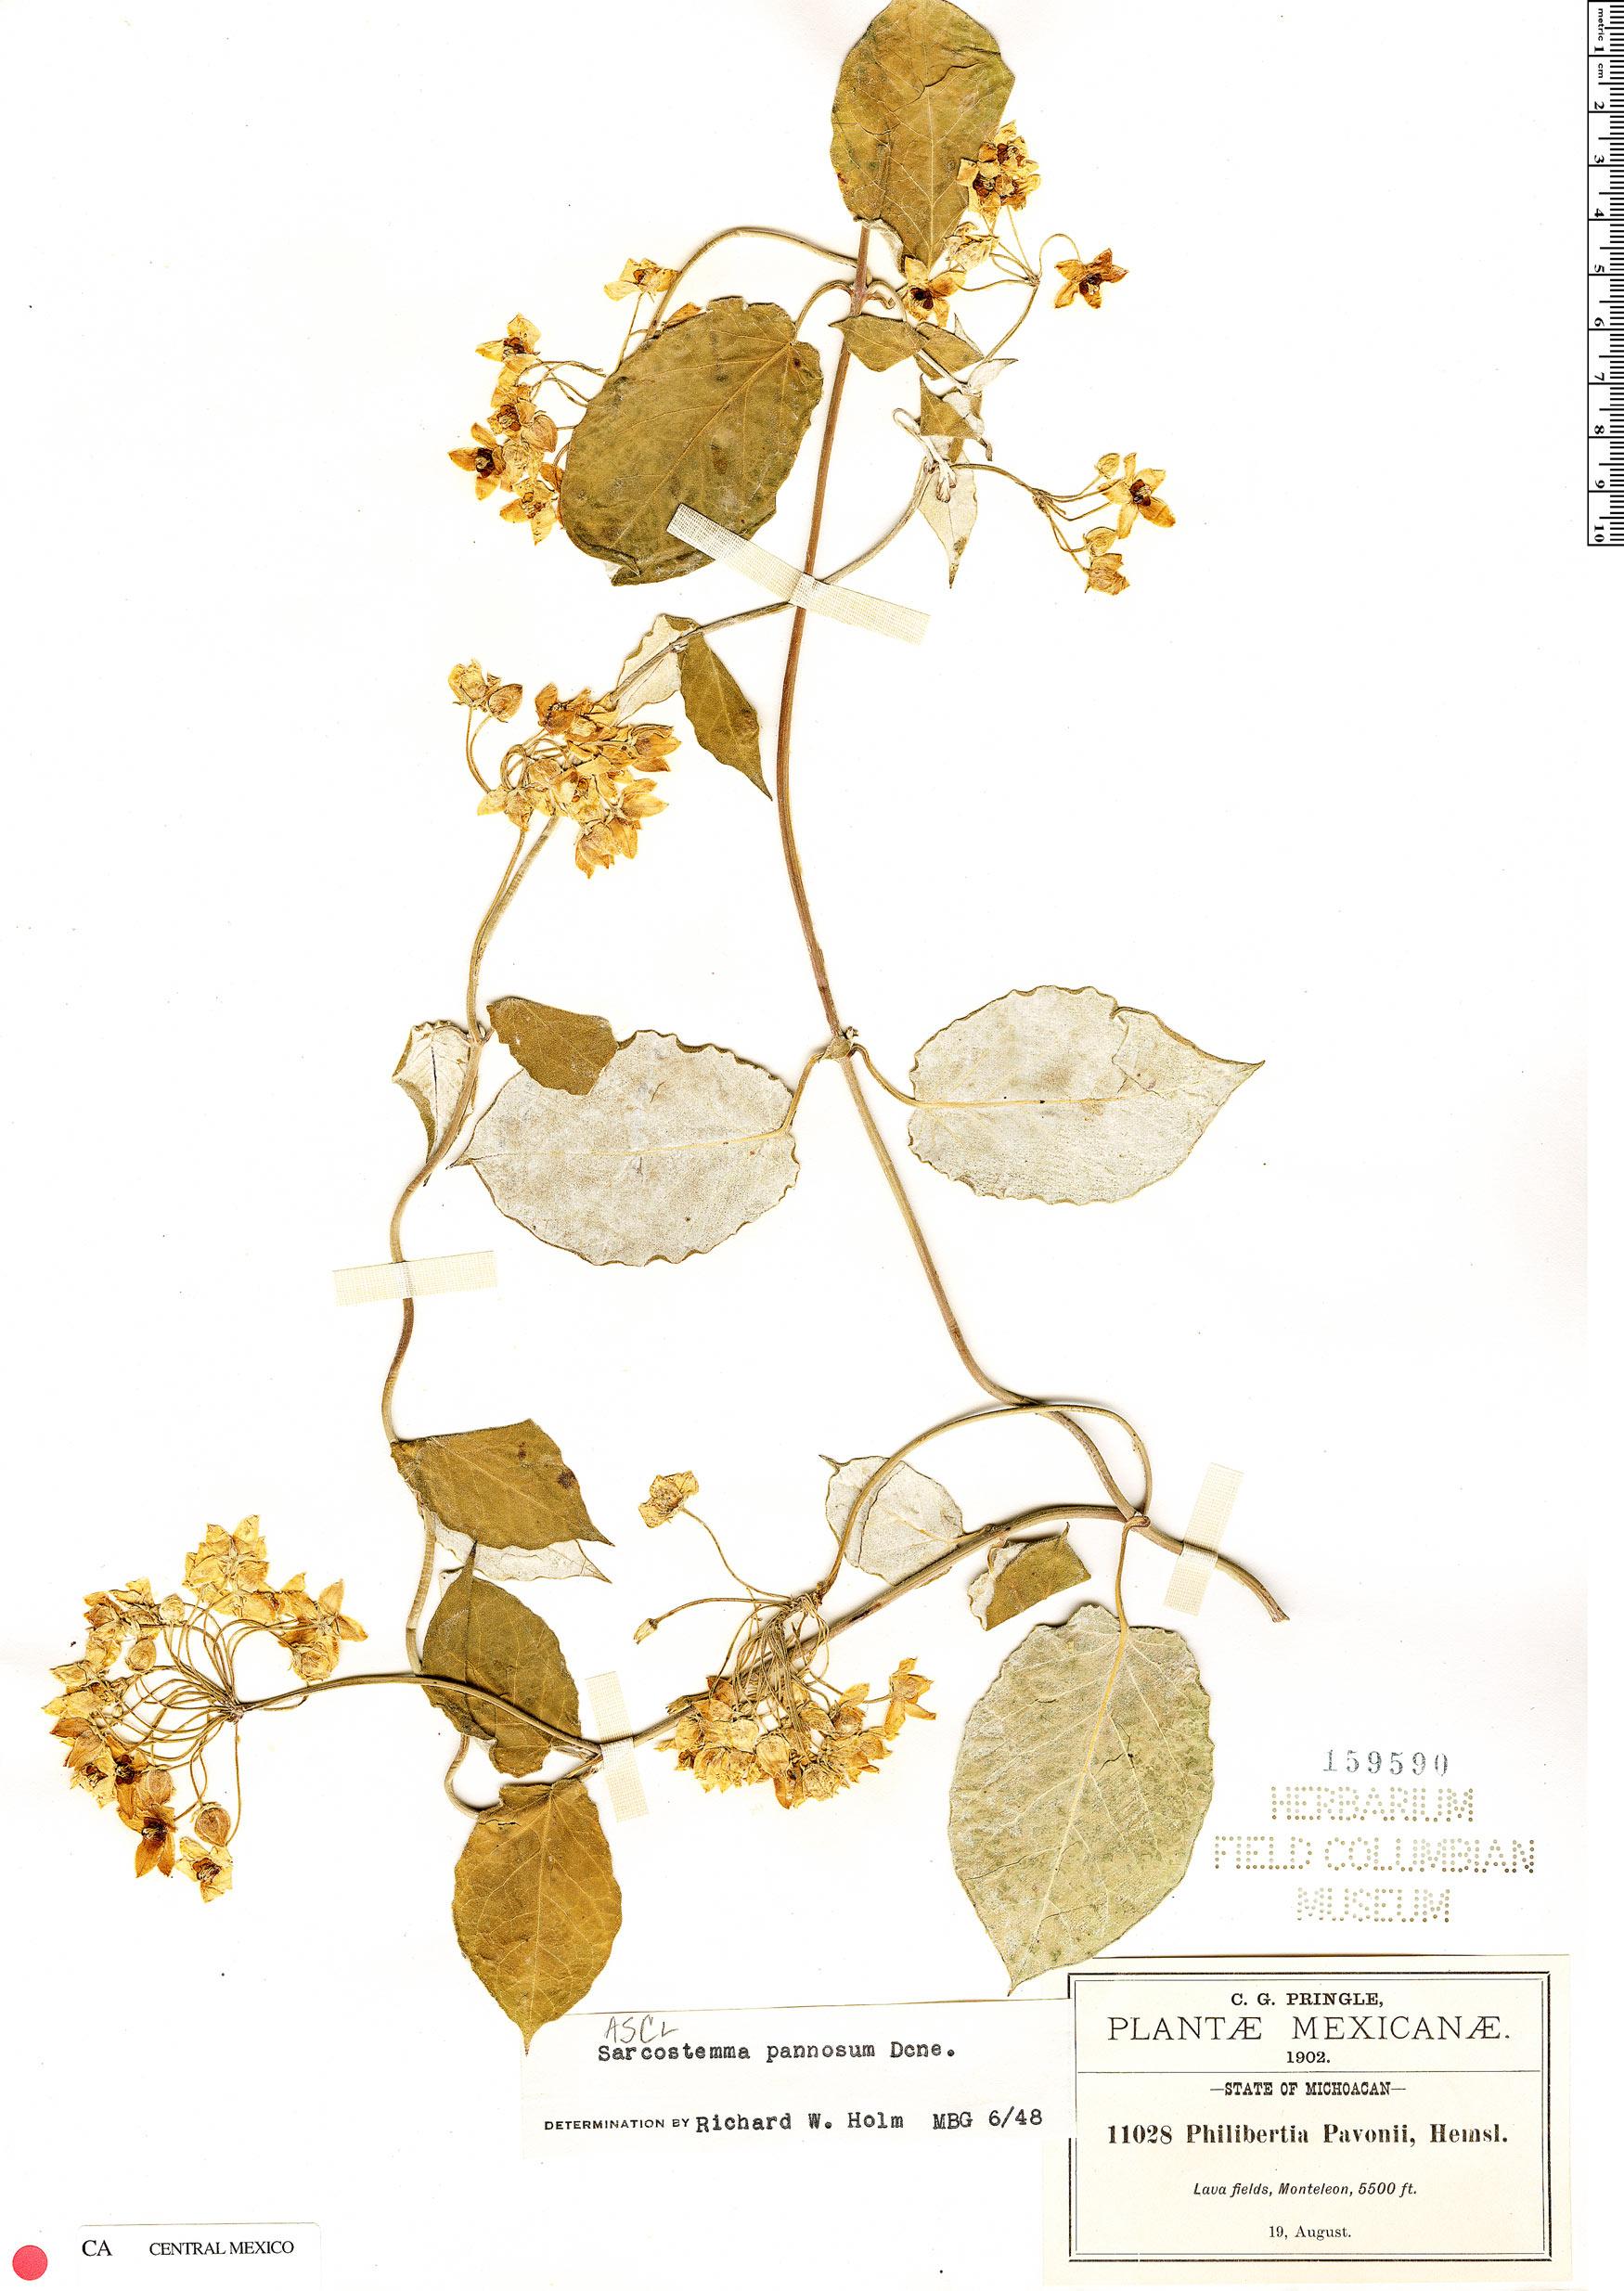 Espécimen: Funastrum pannosum